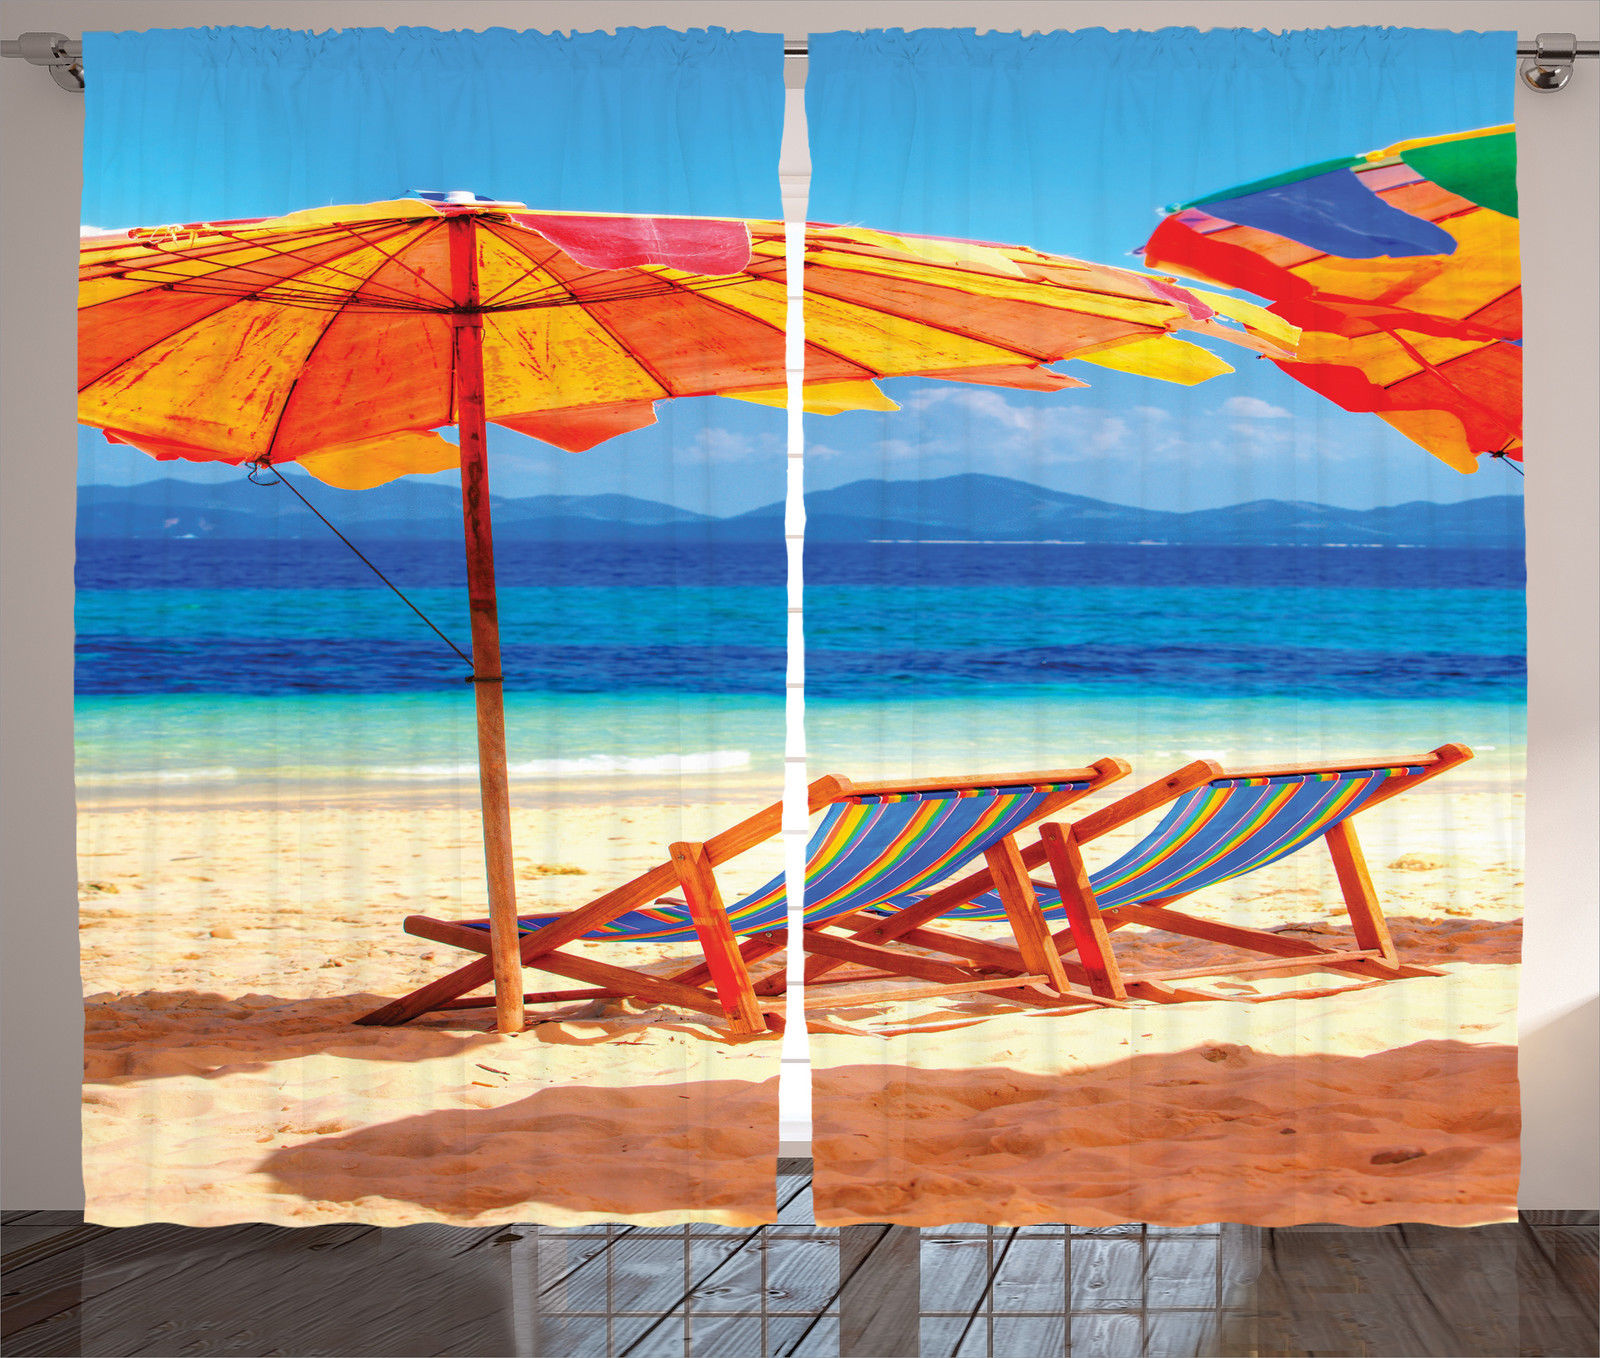 Tropical Beach Chairs Deck Chairs in Tropica...